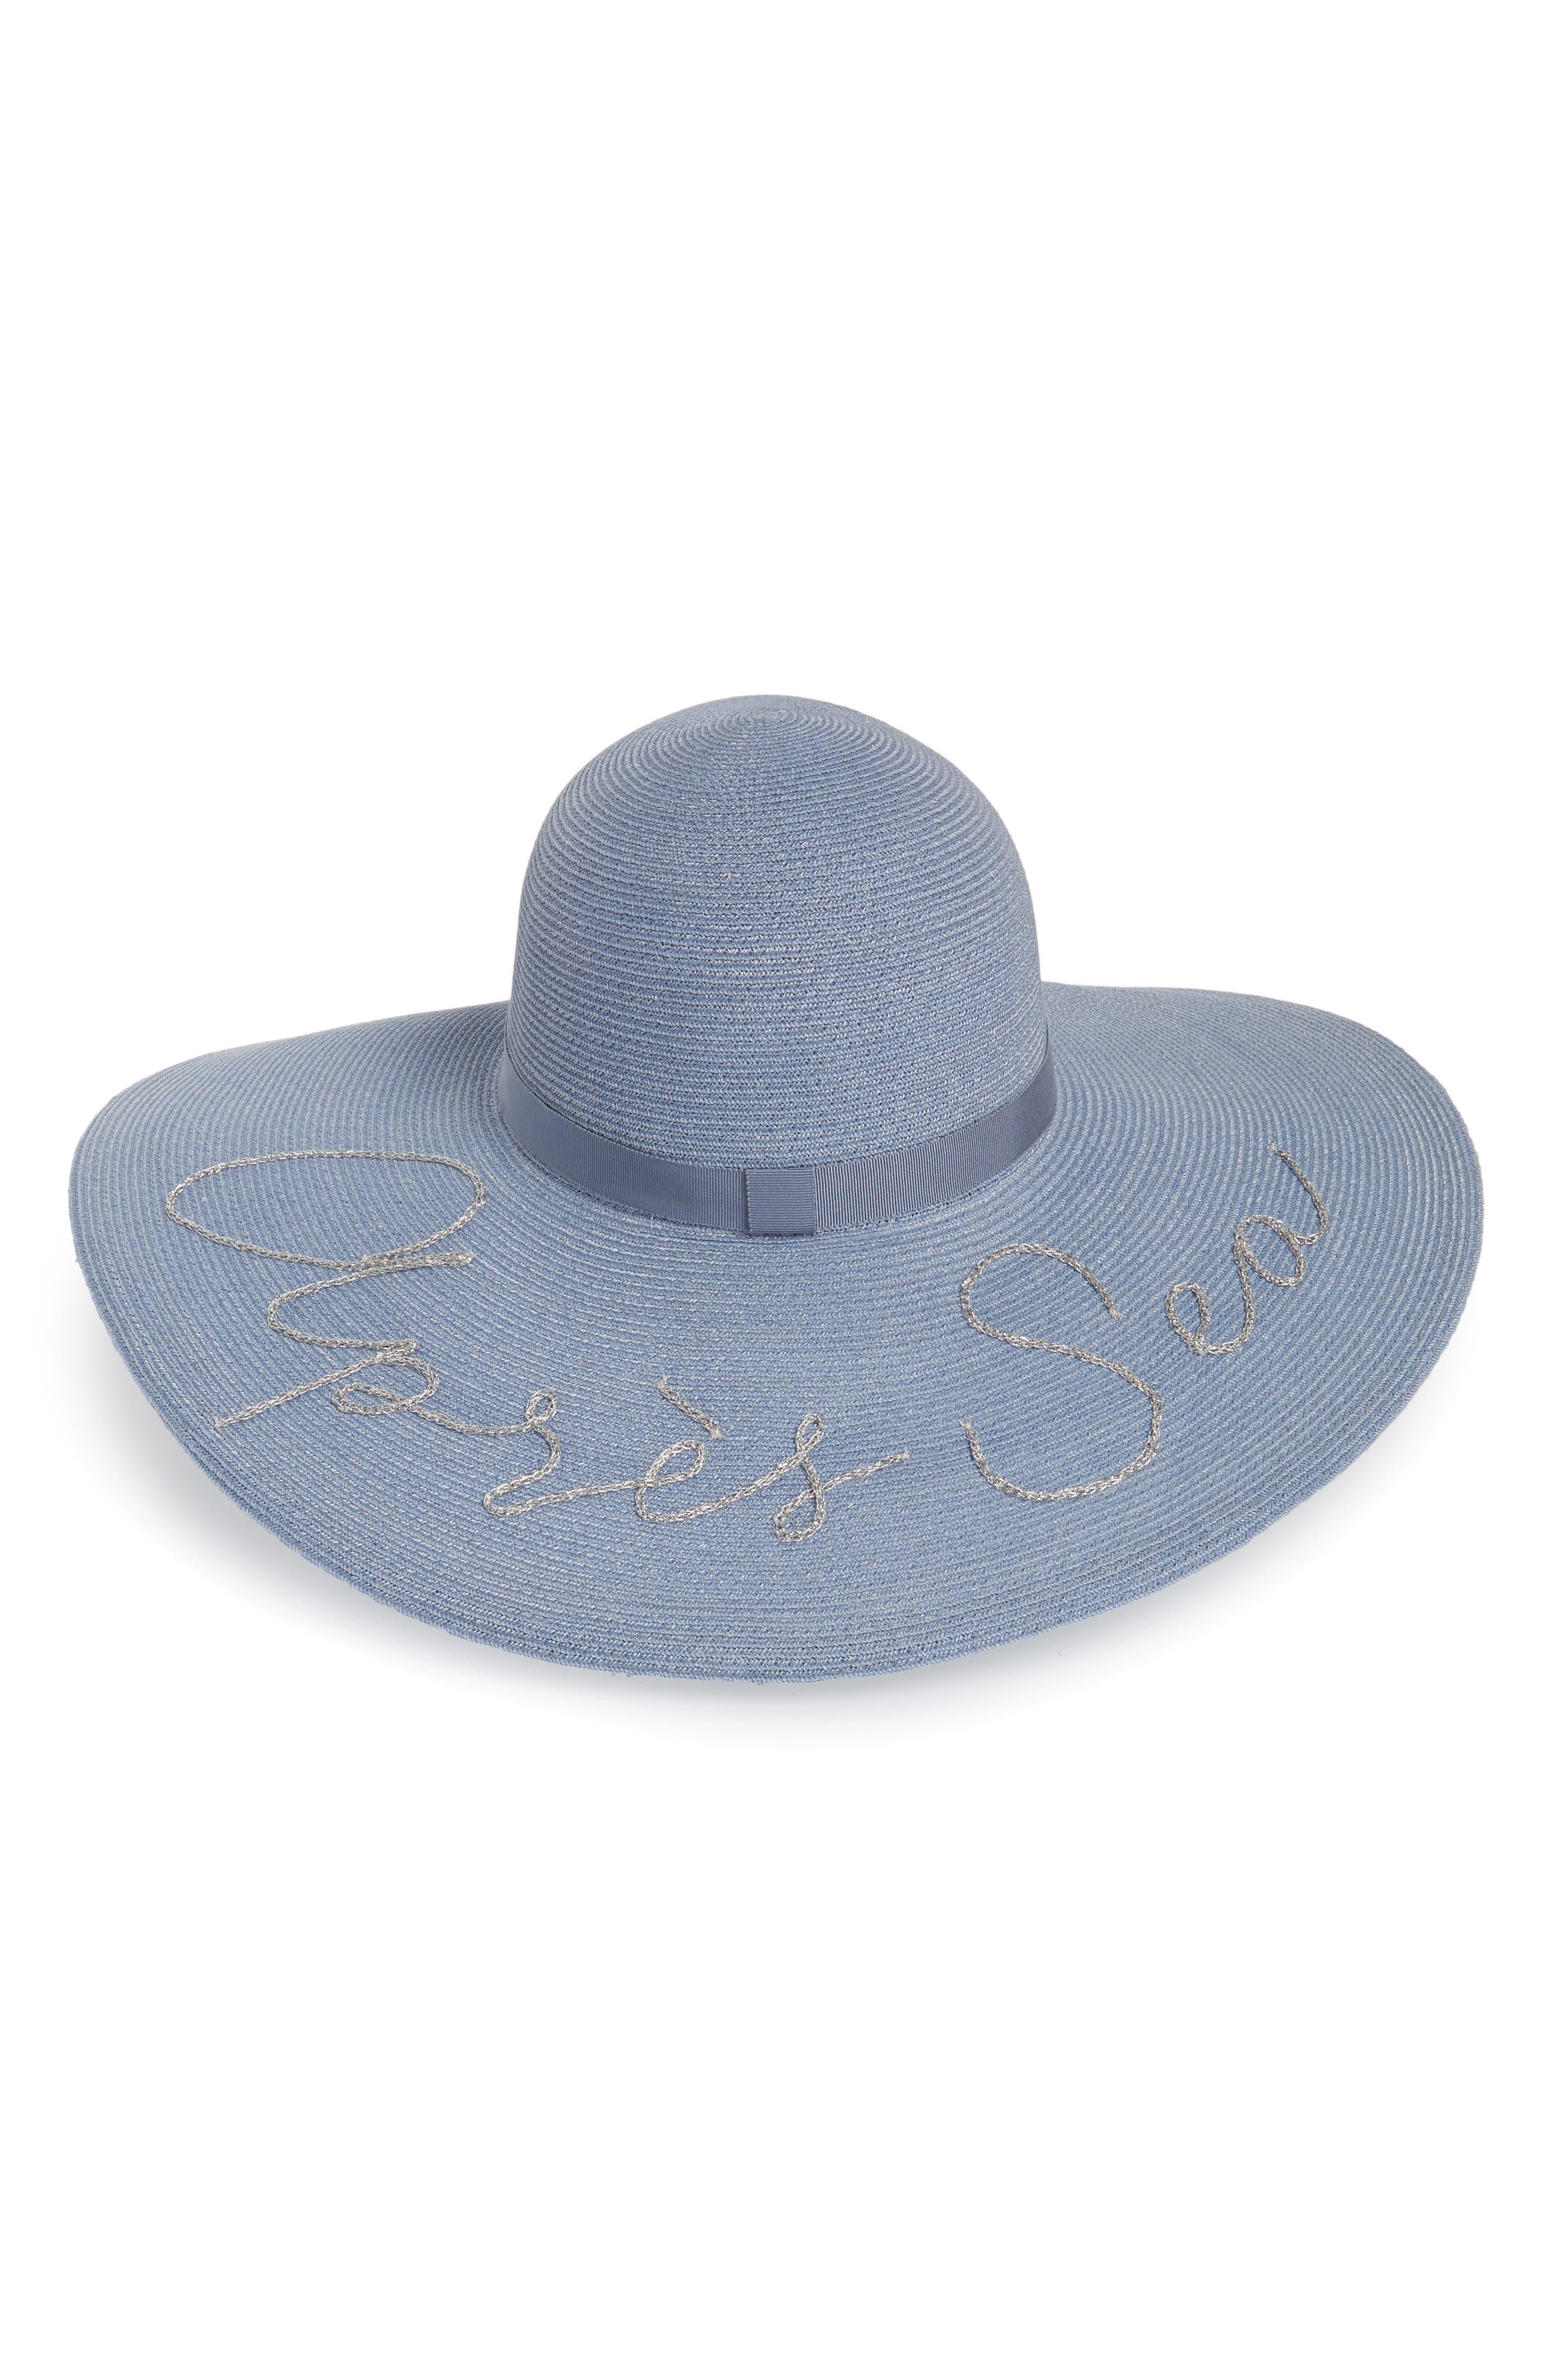 Bunny Après Sea Sun Hat,                         Main,                         color, Blue